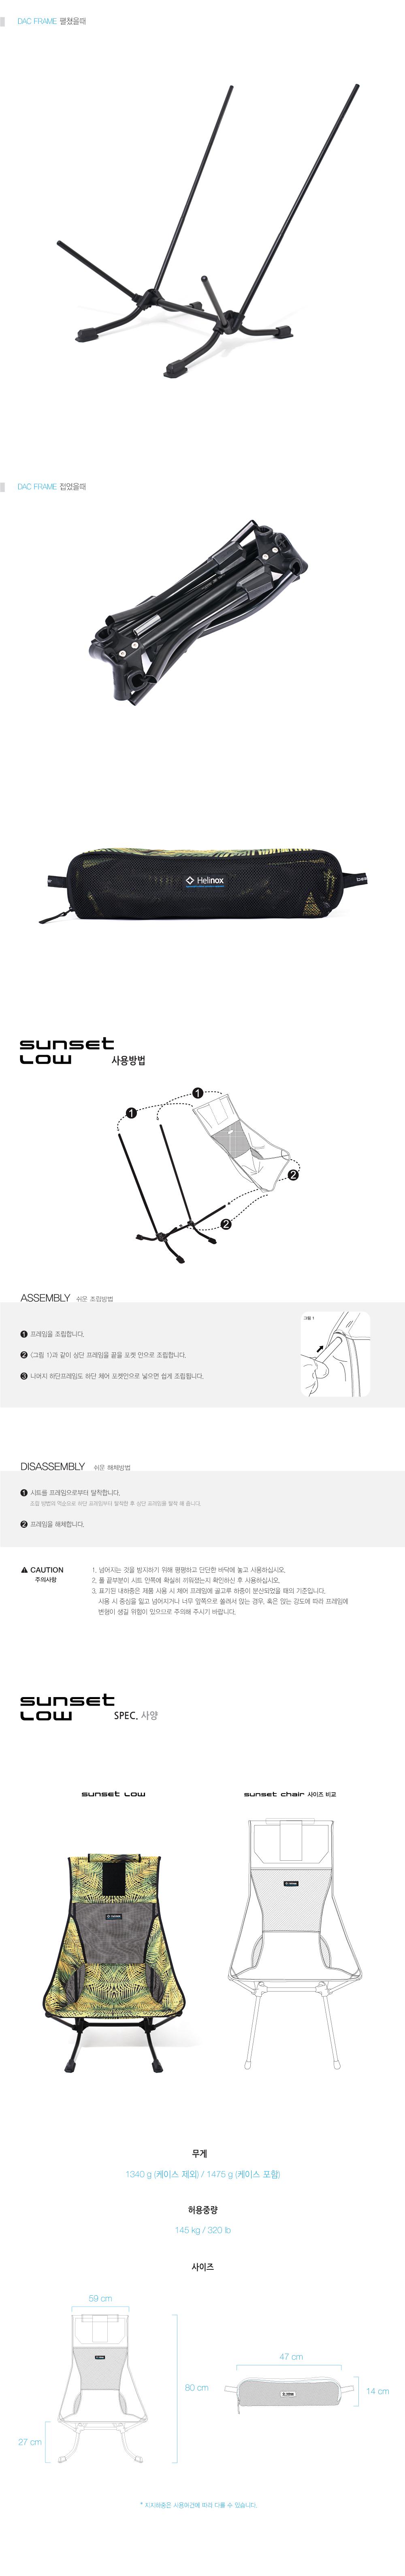 20150720-Helinox_beach-chair_상품페이지_팜-리브스_2.jpg